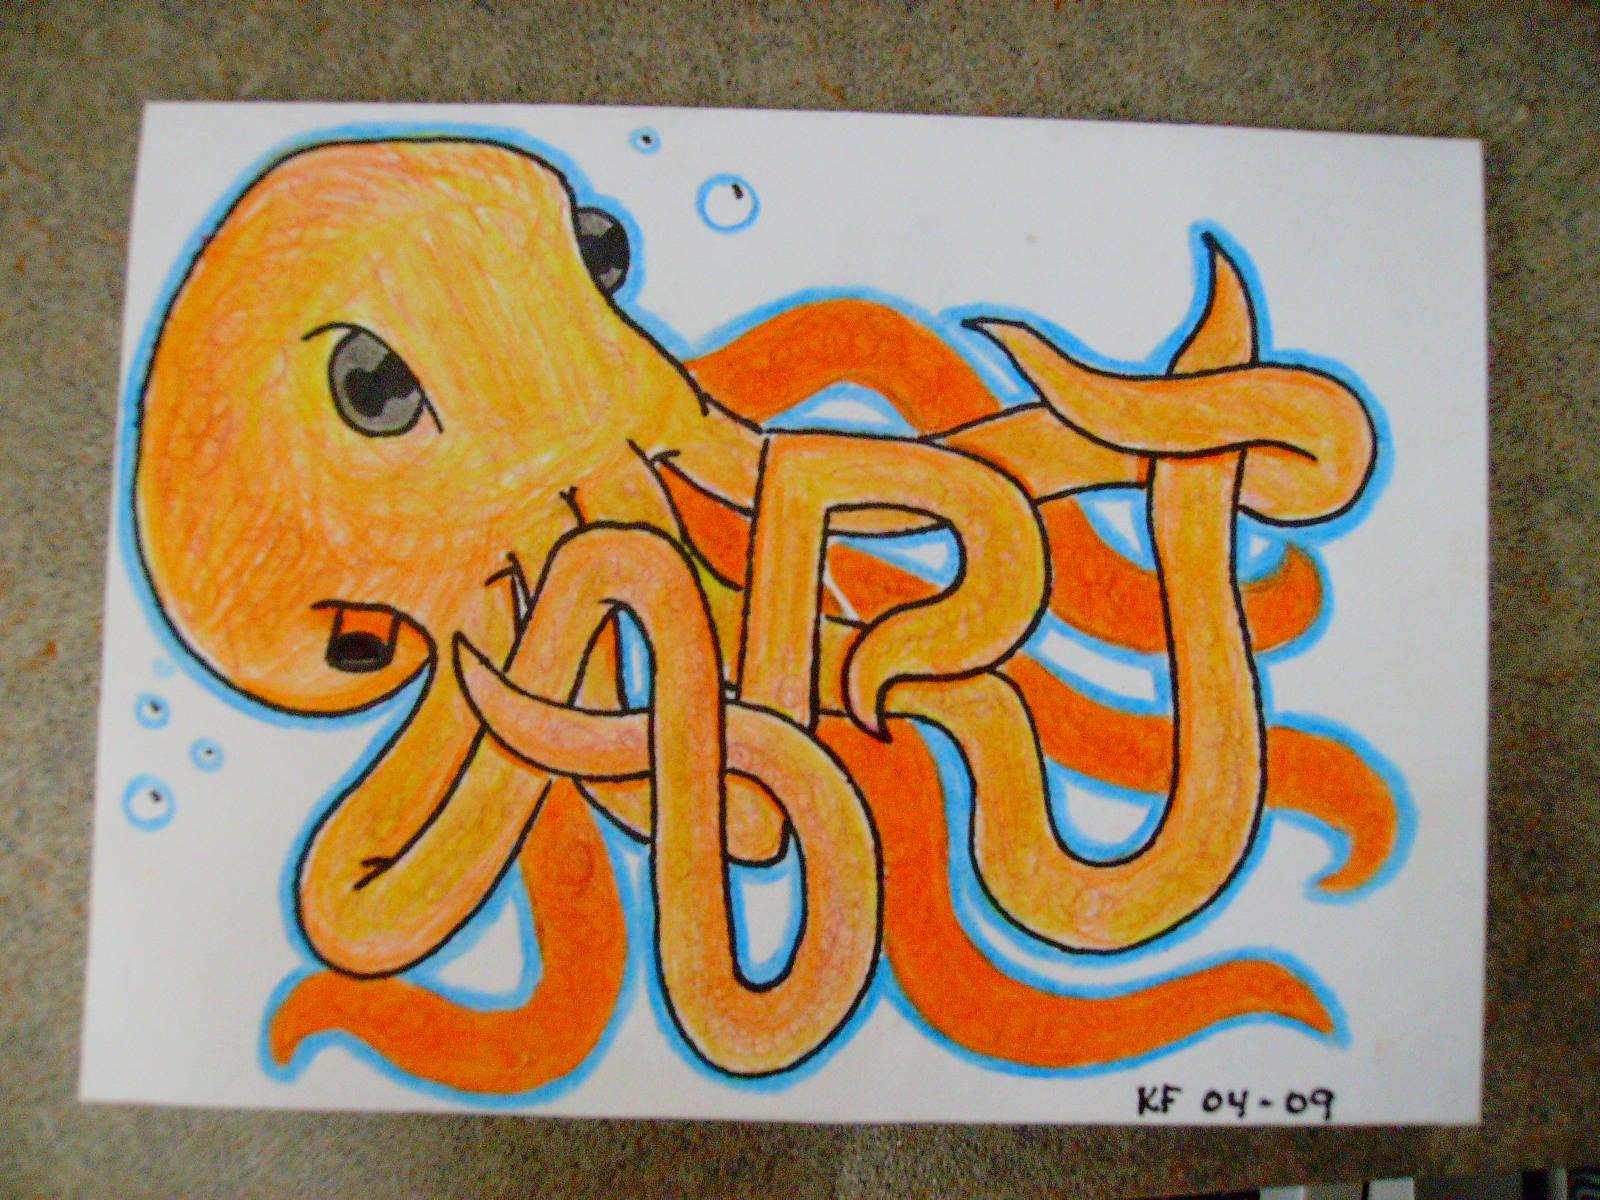 Octopus Art Card, 2009